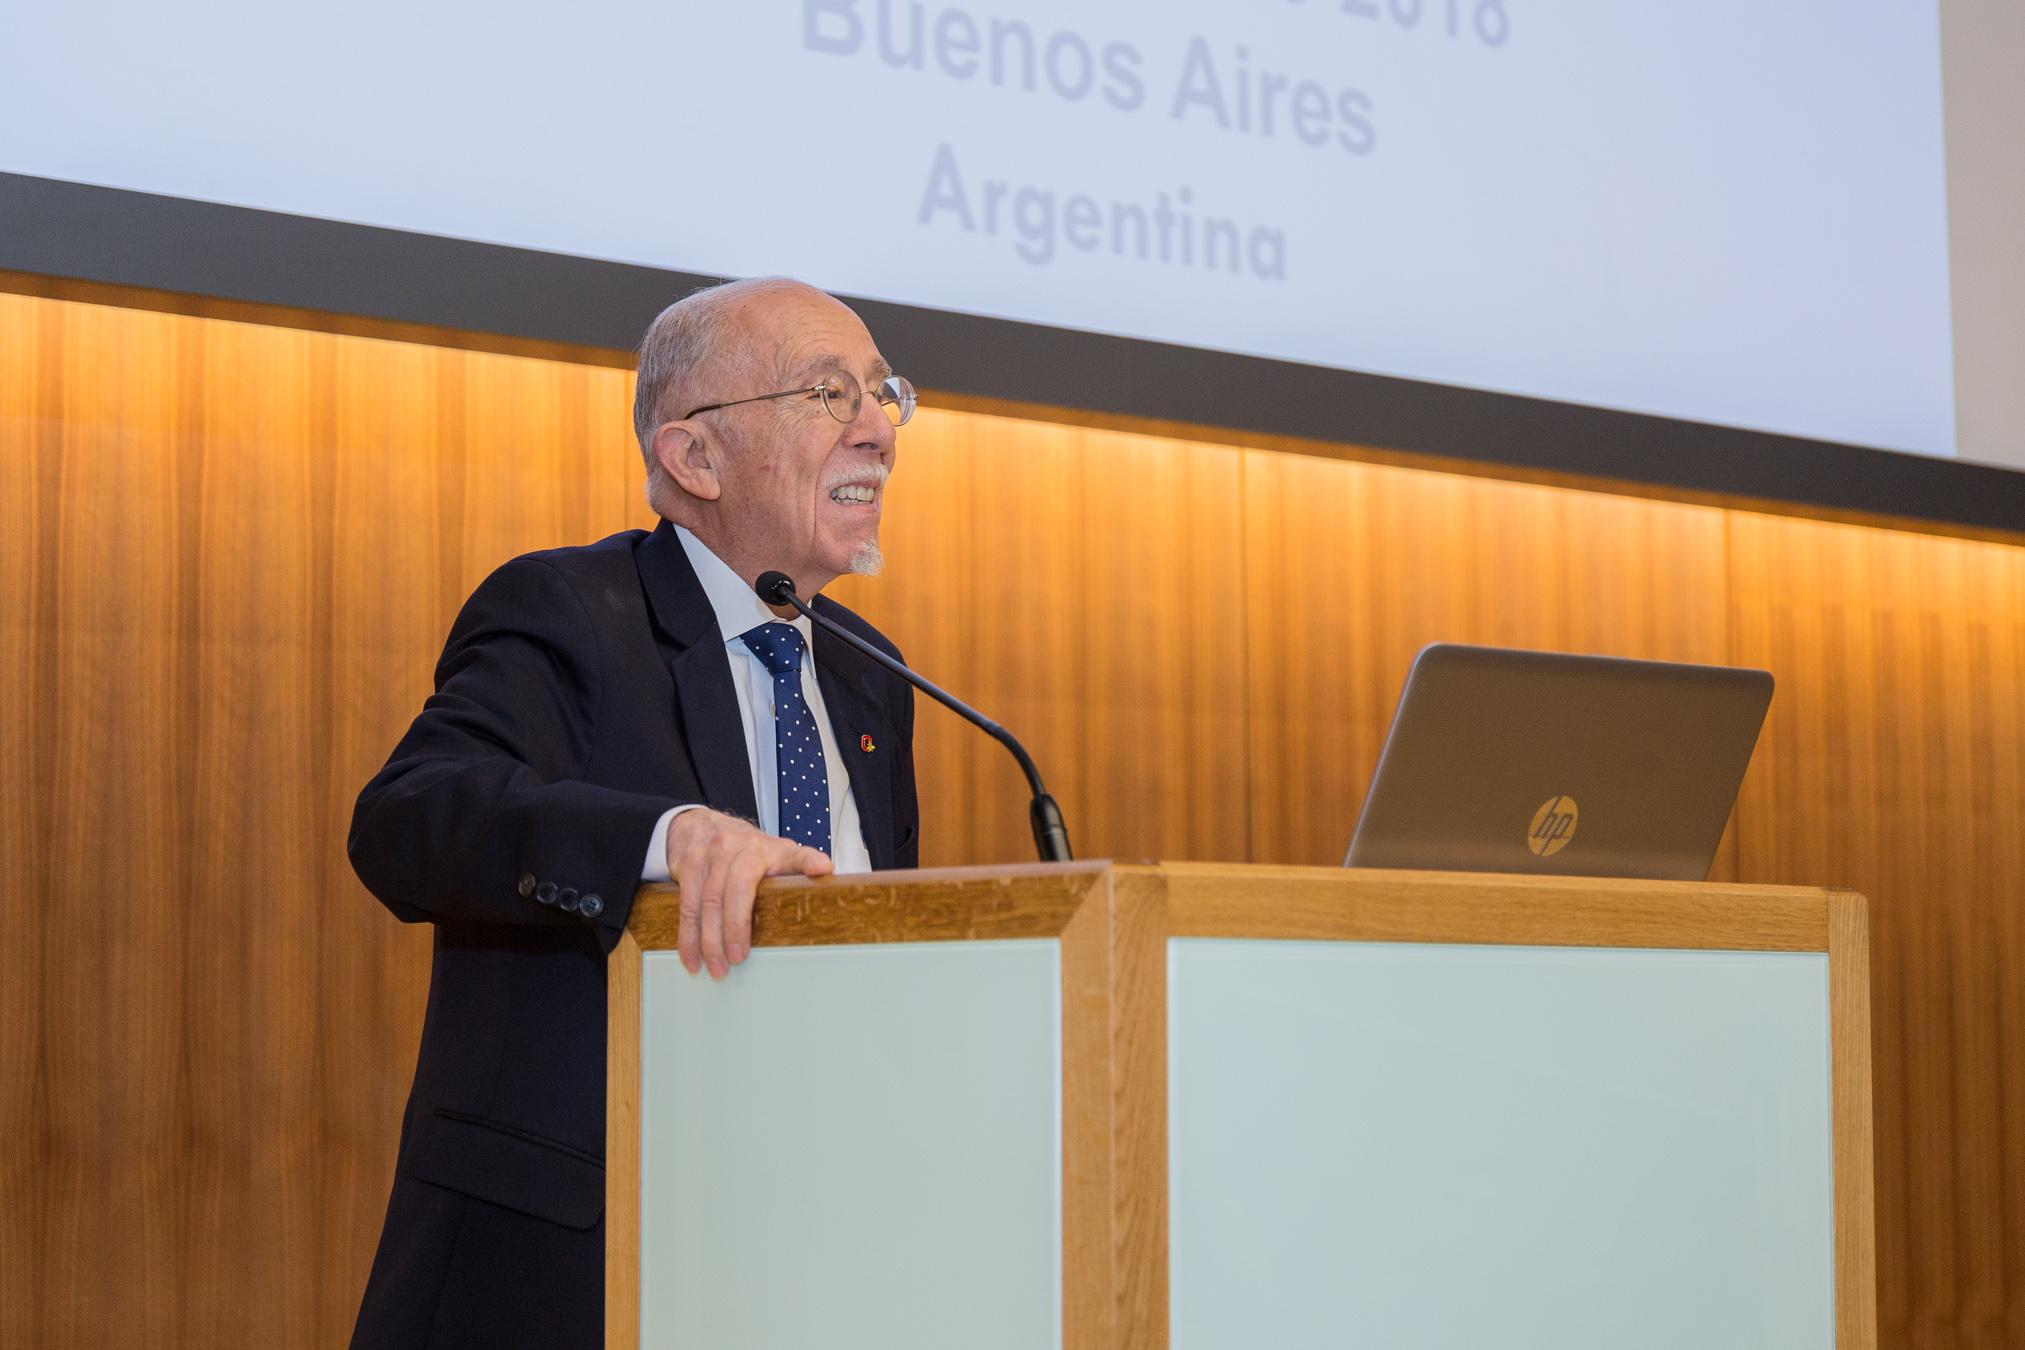 Claudio González-Vega, Presidente del Patronato de la Fundación Microfinanzas BBVA